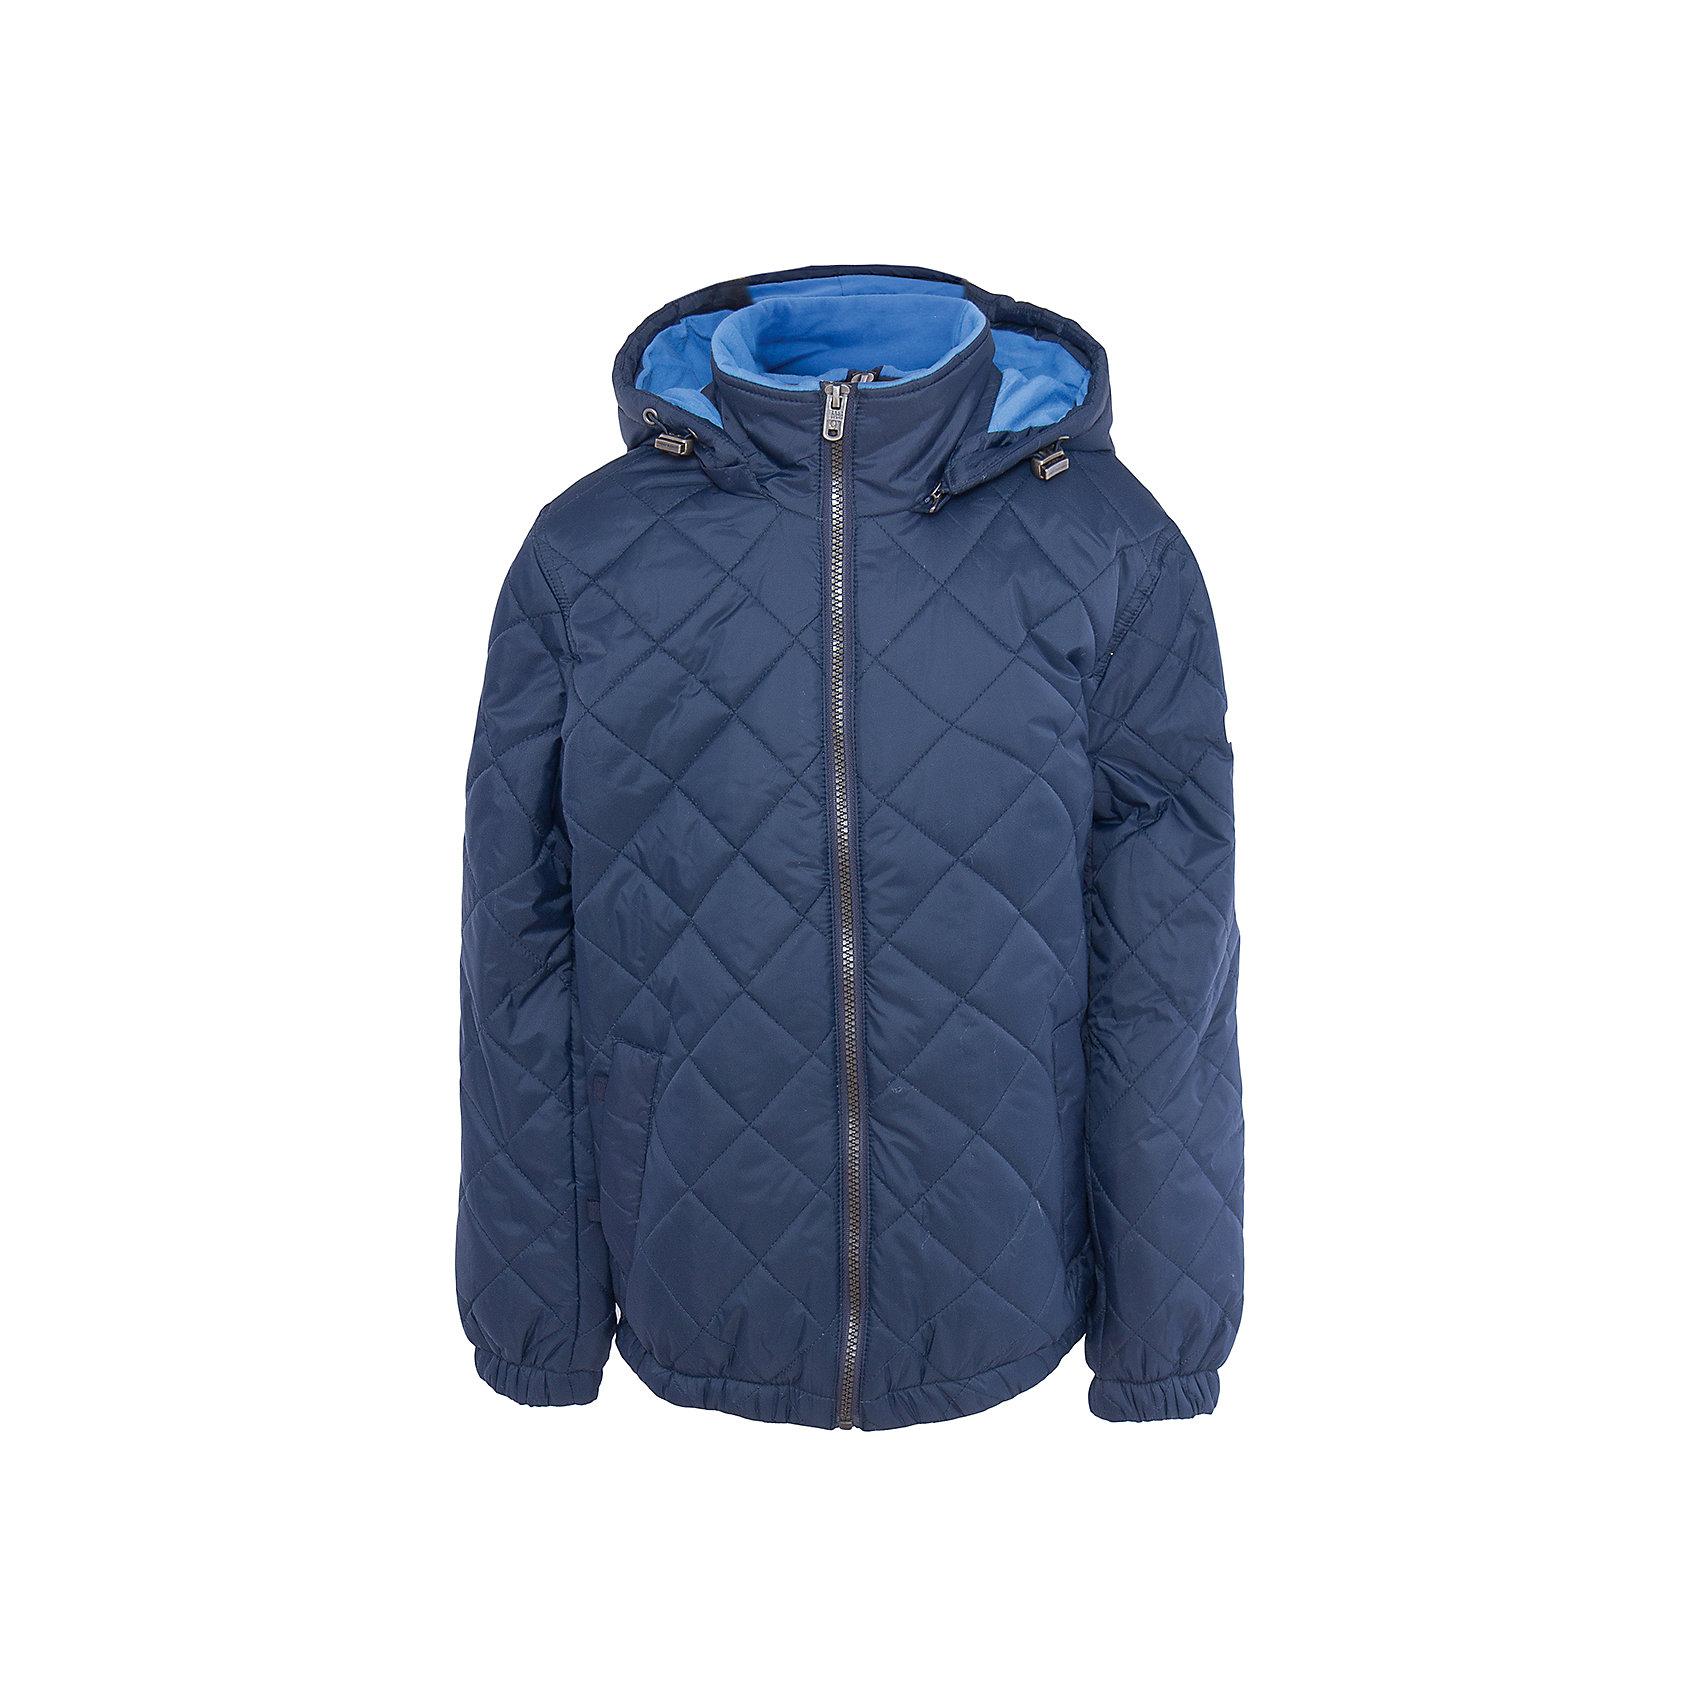 Куртка для мальчика SELAХарактеристики товара:<br><br>• цвет: тёмно-синий<br>• состав: 100% нейлон<br>• температурный режим: от +5°до +15°С<br>• подкладка: 100% хлопок<br>• утеплитель: 100% полиэстер<br>• демисезон<br>• воротник-стойка<br>• молния<br>• стеганая<br>• капюшон с кулиской<br>• капюшон съёмный<br>• два кармана на кнопках<br>• коллекция весна-лето 2017<br>• страна бренда: Российская Федерация<br>• страна производитель: Китай<br><br>Вещи из новой коллекции SELA продолжают радовать удобством! Легкая куртка для мальчика поможет разнообразить гардероб ребенка и обеспечить комфорт. Она отлично сочетается с джинсами и брюками. Очень стильно смотрится!<br><br>Одежда, обувь и аксессуары от российского бренда SELA не зря пользуются большой популярностью у детей и взрослых! Модели этой марки - стильные и удобные, цена при этом неизменно остается доступной. Для их производства используются только безопасные, качественные материалы и фурнитура. Новая коллекция поддерживает хорошие традиции бренда! <br><br>Куртку для мальчика от популярного бренда SELA (СЕЛА) можно купить в нашем интернет-магазине.<br><br>Ширина мм: 356<br>Глубина мм: 10<br>Высота мм: 245<br>Вес г: 519<br>Цвет: синий<br>Возраст от месяцев: 84<br>Возраст до месяцев: 96<br>Пол: Мужской<br>Возраст: Детский<br>Размер: 128,140,152,116<br>SKU: 5305143